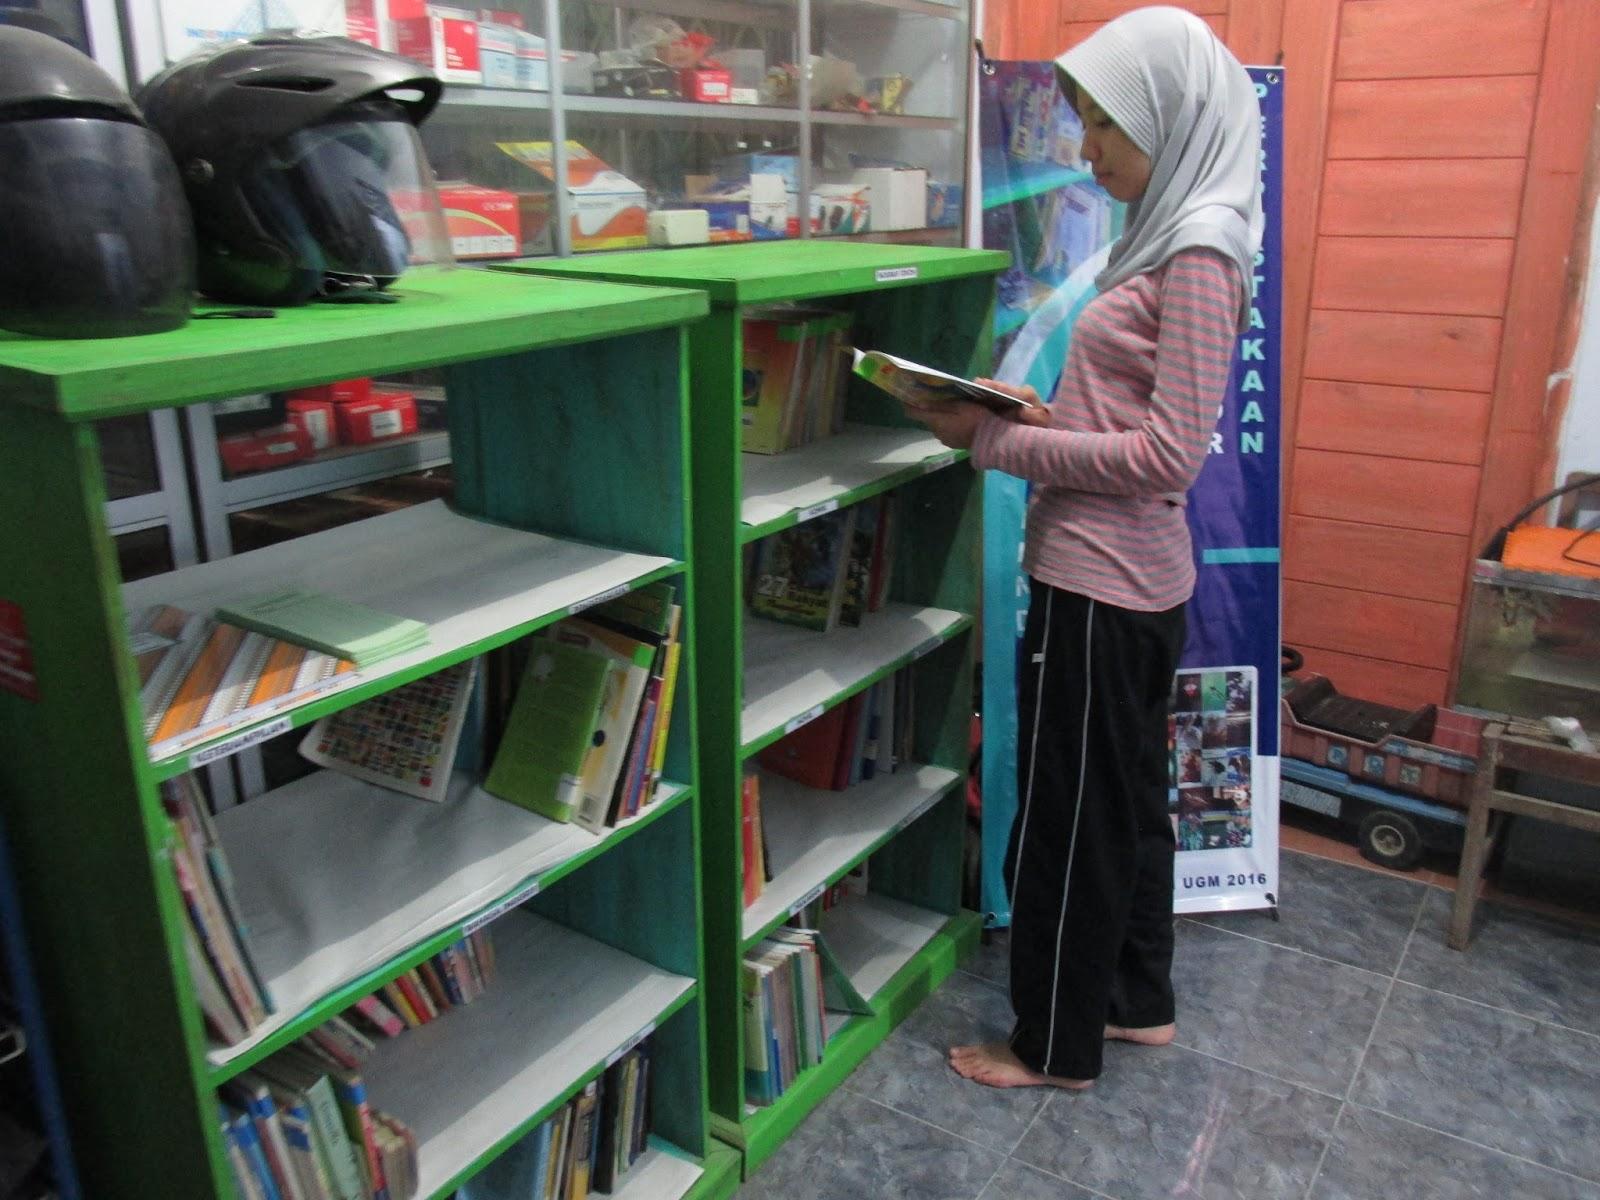 Book for Mountain dukung pengadaan buku untuk perpustakaan Dusun Selo